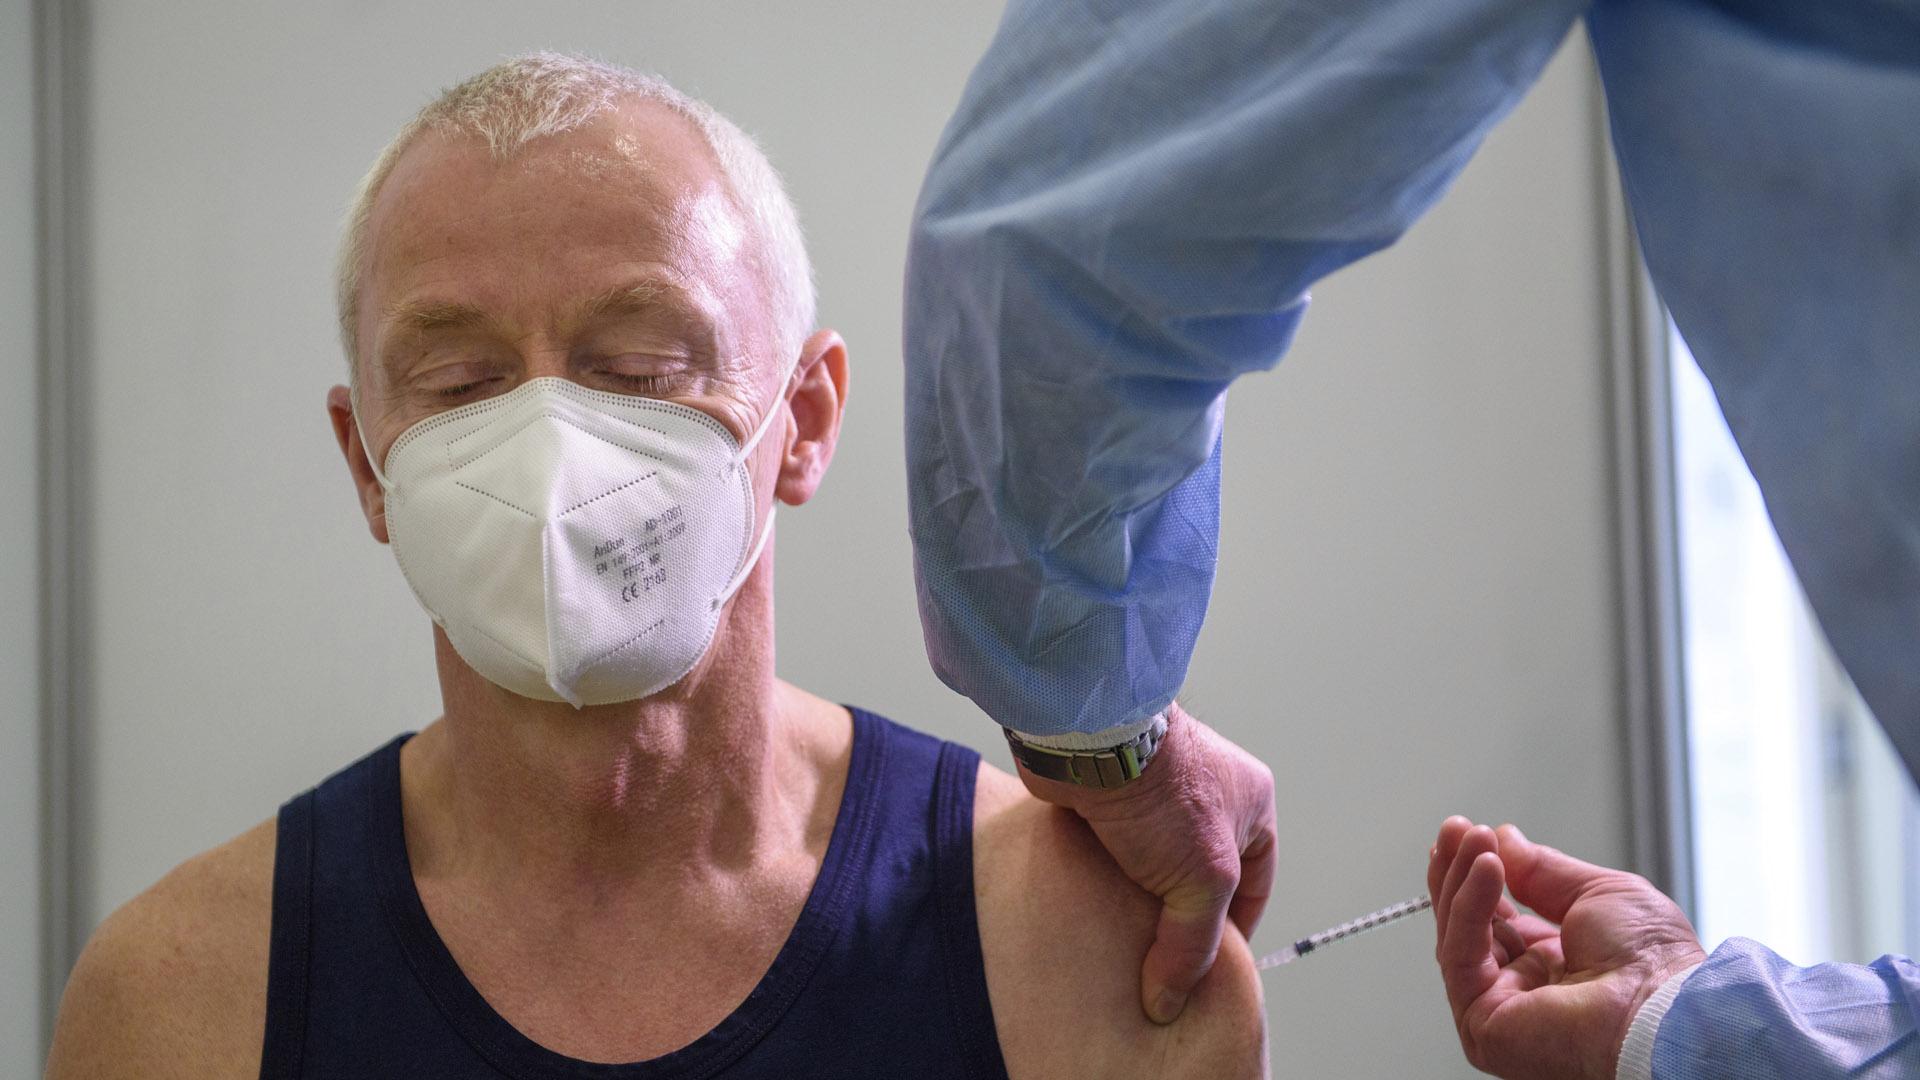 유럽 일부 국가, 고령층에도 AZ백신 접종 허용